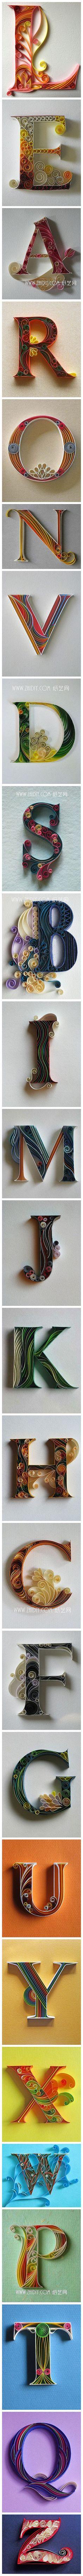 手工 折纸 DIY 衍纸 衍纸字母欣赏: